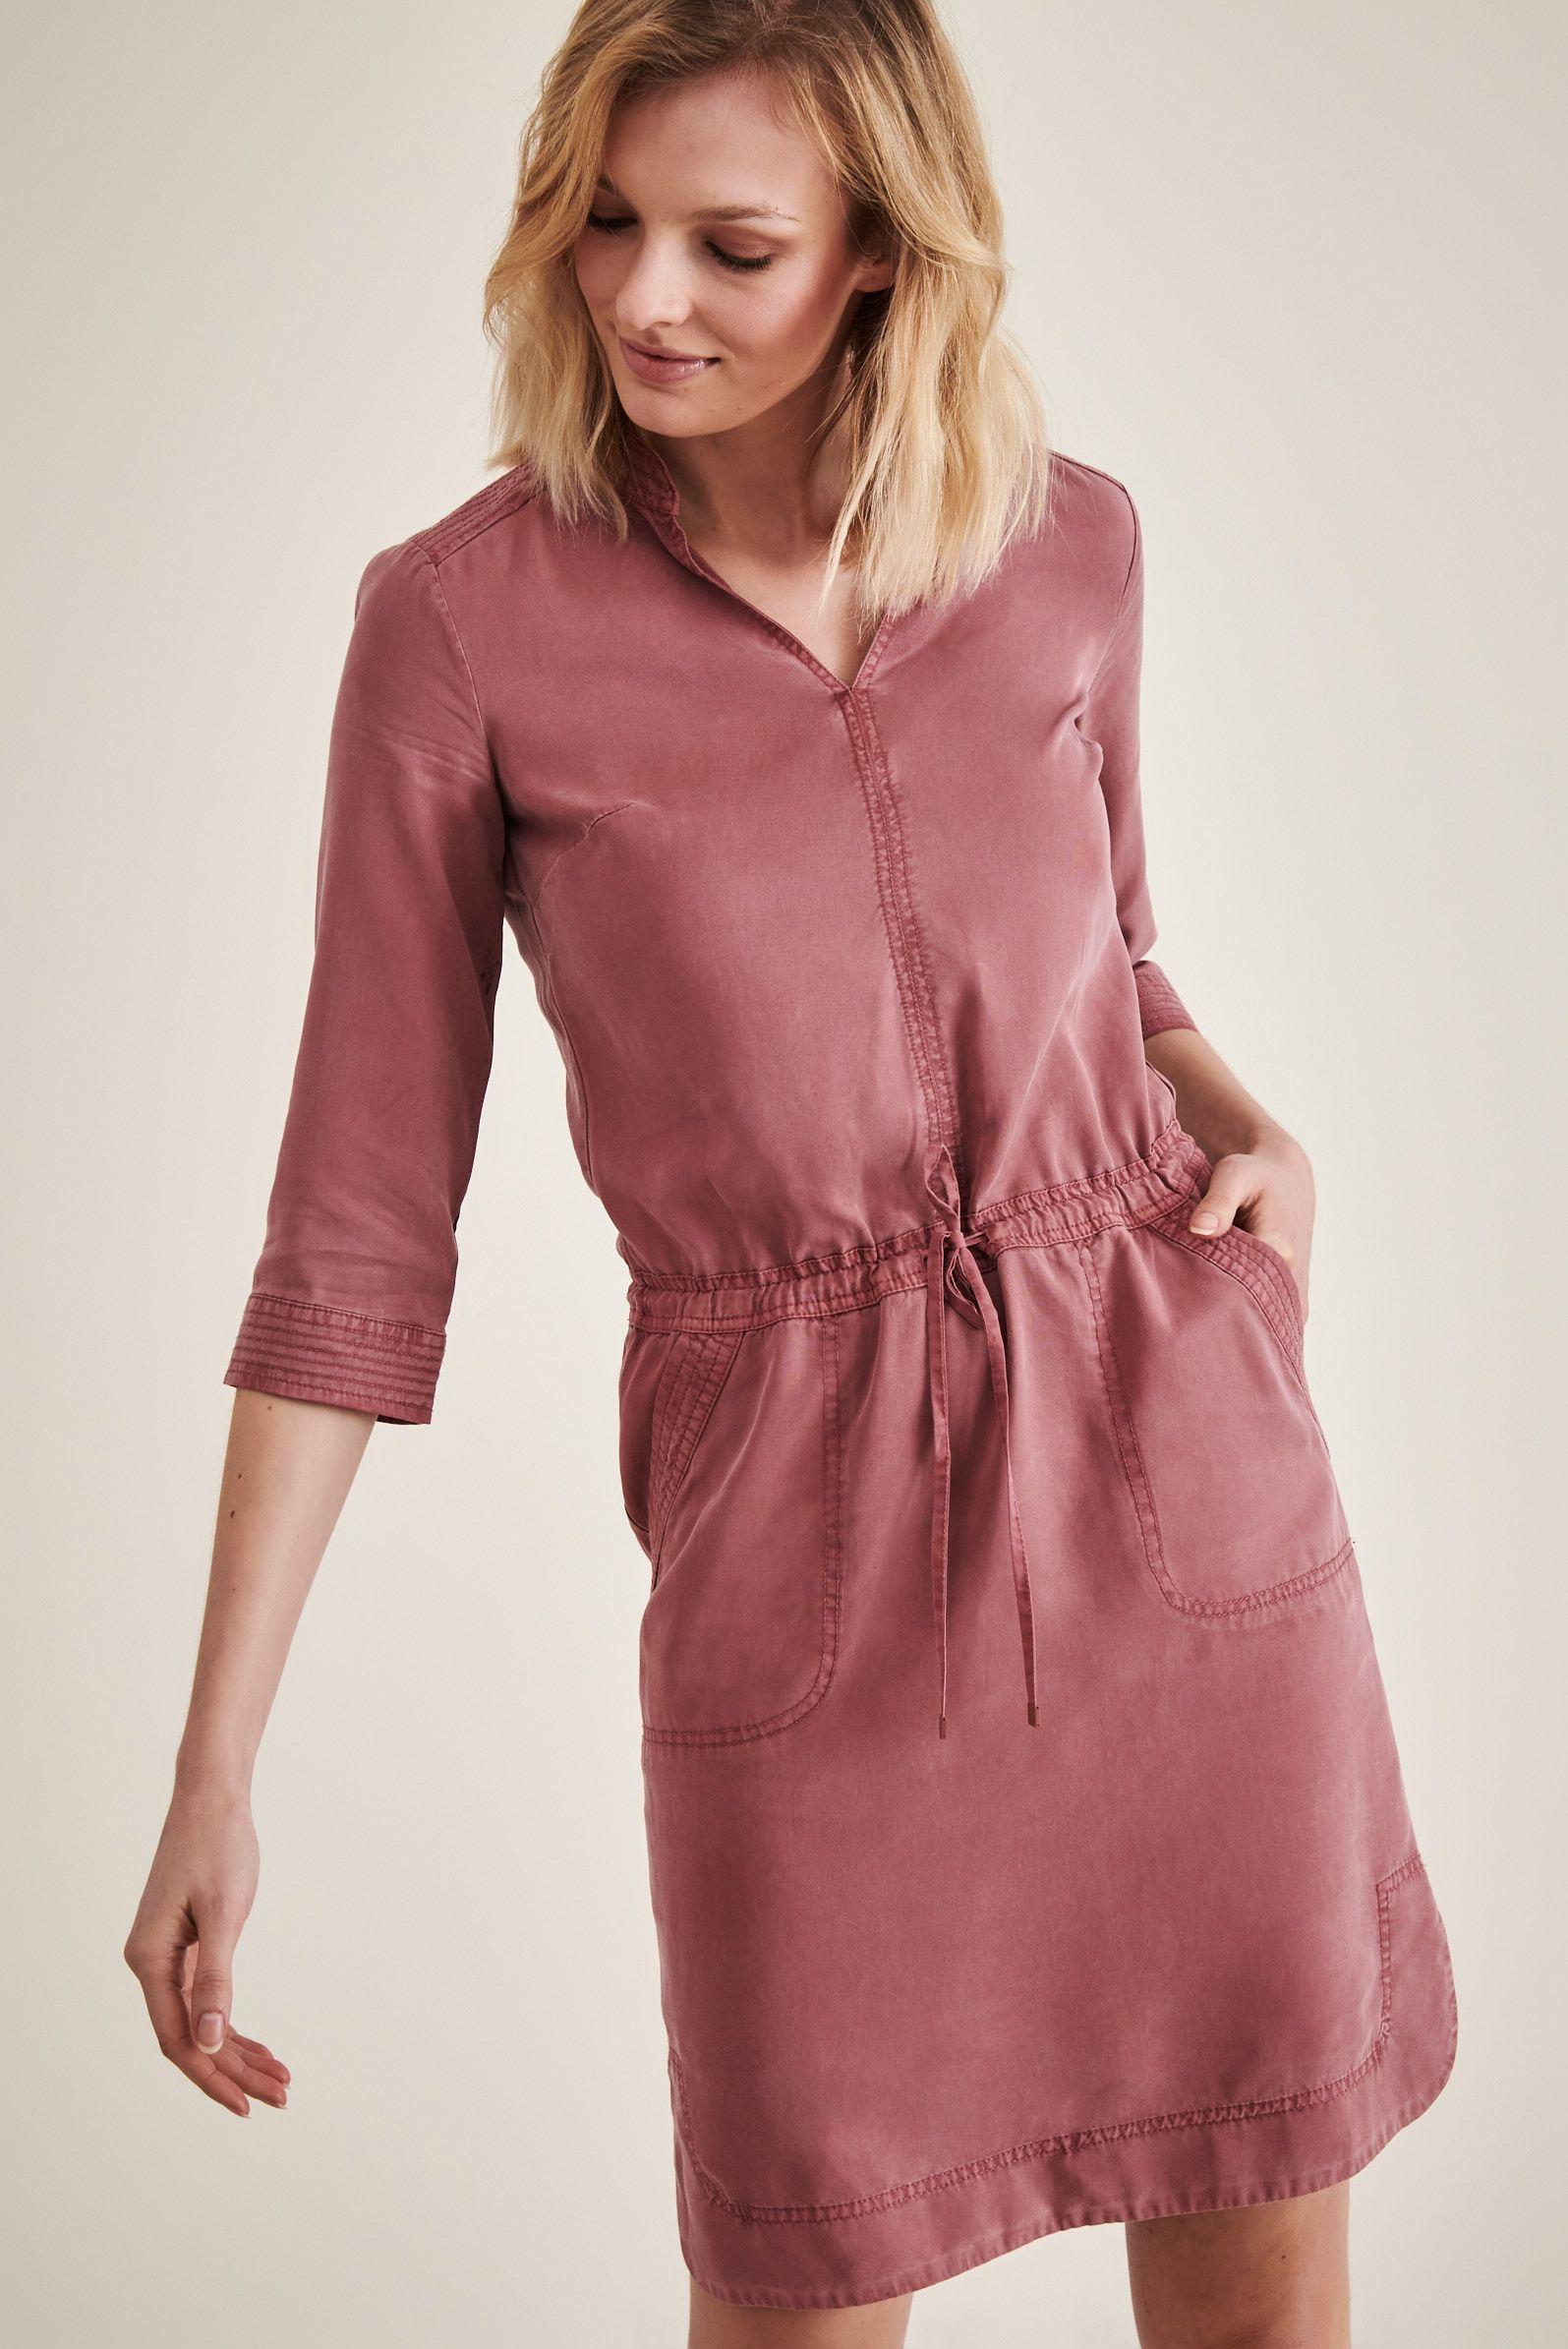 Komira Swobodna Sukienka Z Wiazaniem W Pasie Kolor Rozowy High Neck Dress Fashion Dresses